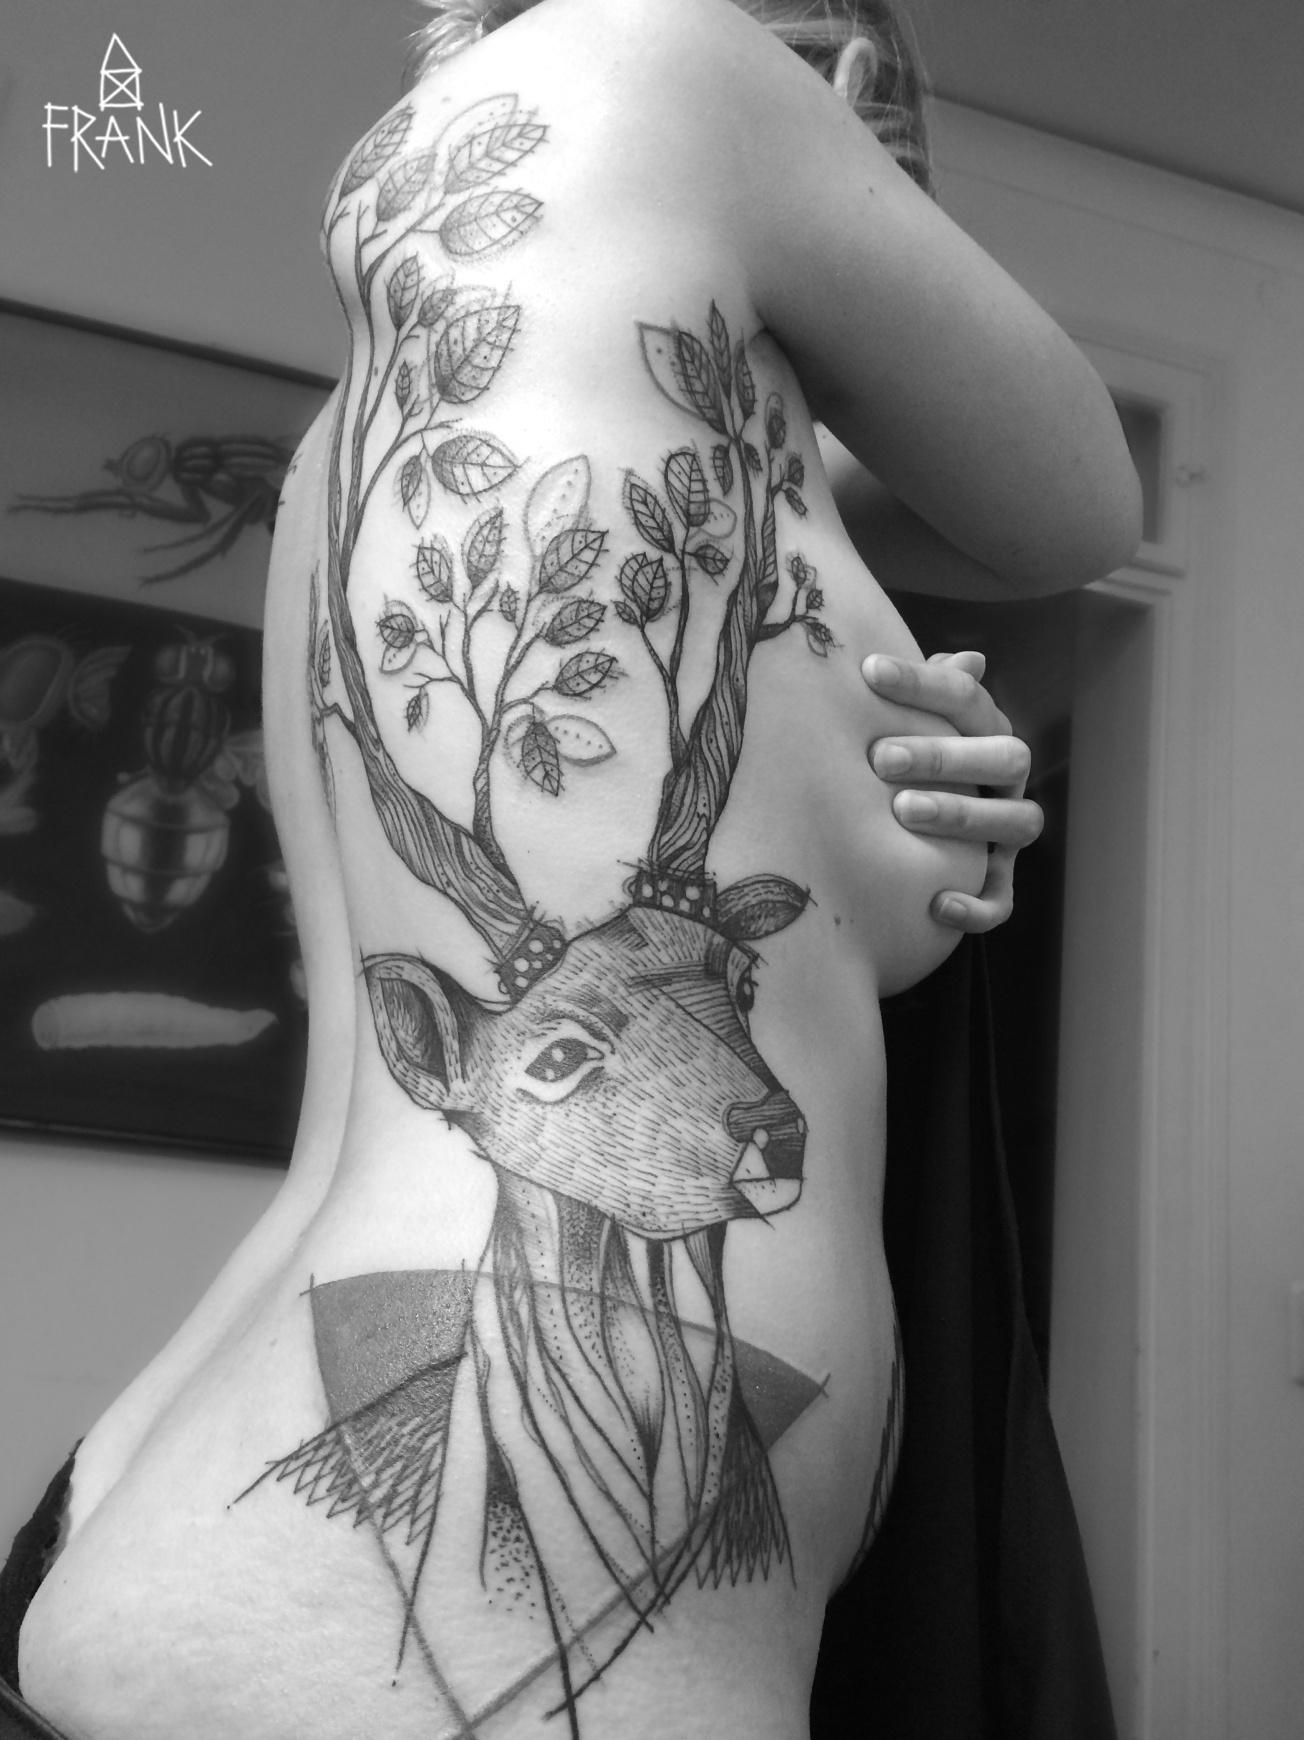 Miriam_Frank_Tattoo_deer